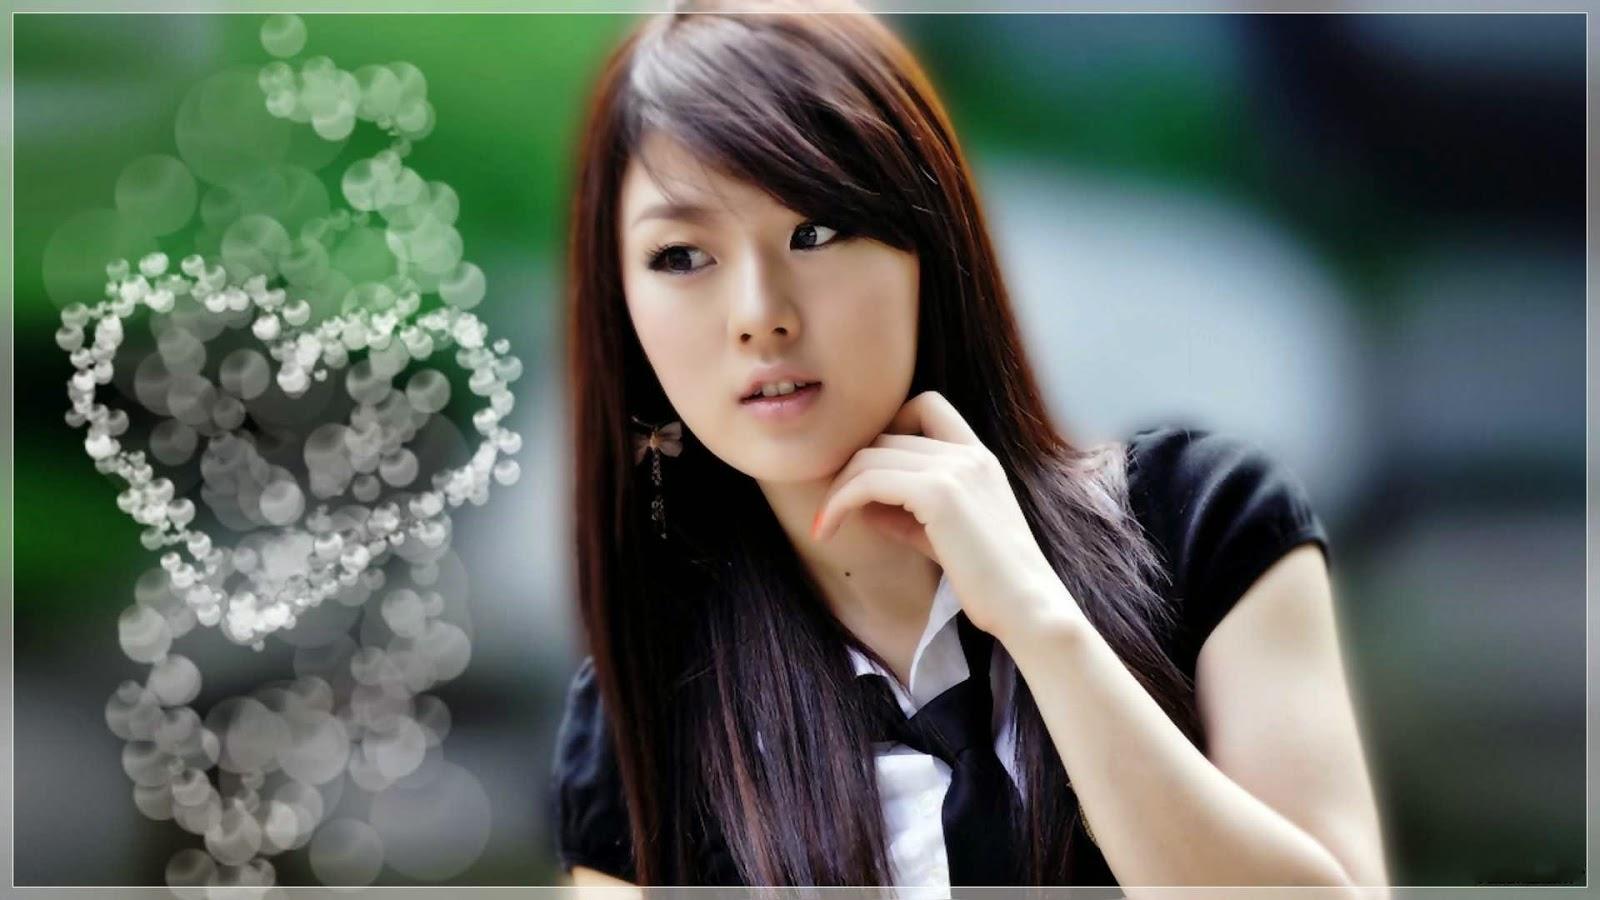 صور صور بنات كوريات , البنات فى كوريا